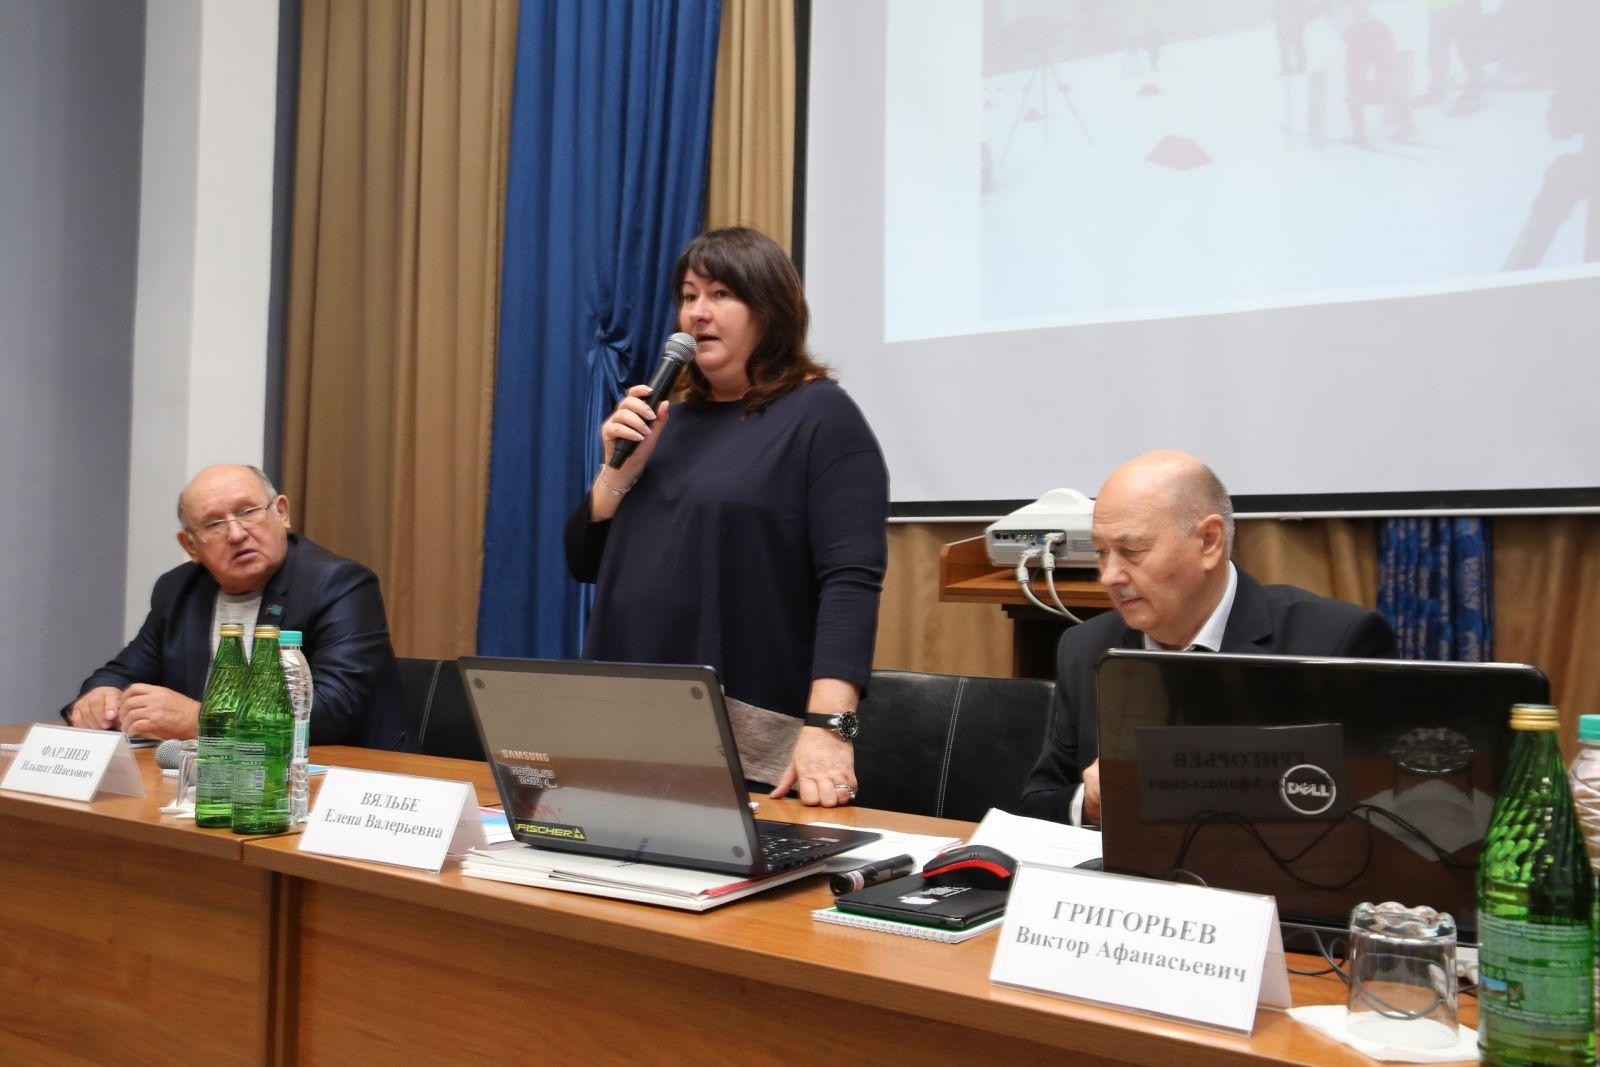 Справа - руководитель семинара Виктор Григорьев.